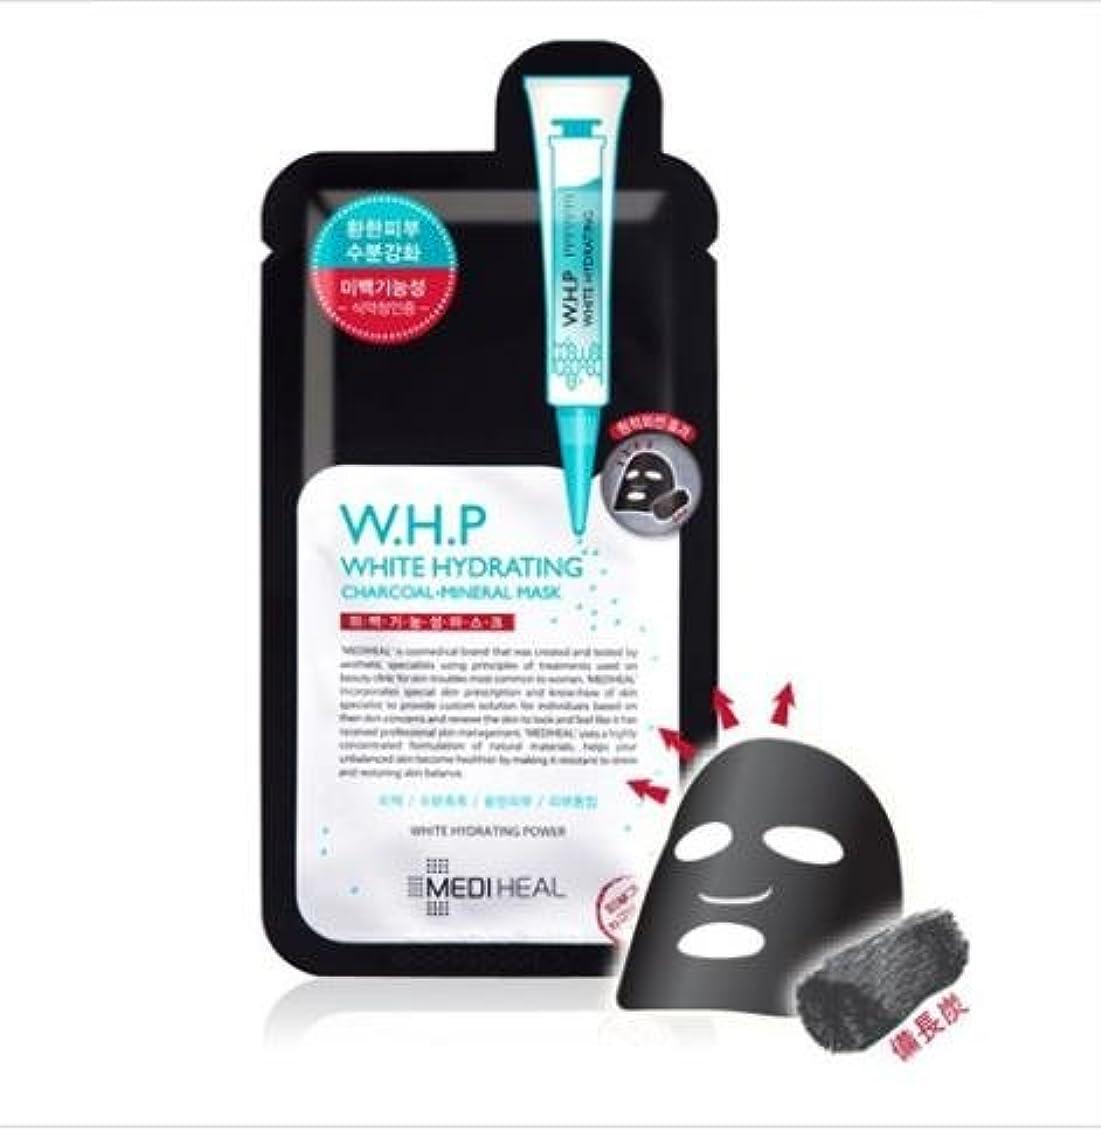 鎮静剤上下する喜び[メディヒール] Mediheal [W.H.P 美 白水分 ミネラル 炭 マスクパック (10枚)] (W.H.P White Hydrating Charcoal Mineral Mask (10EA)) [並行輸入品]